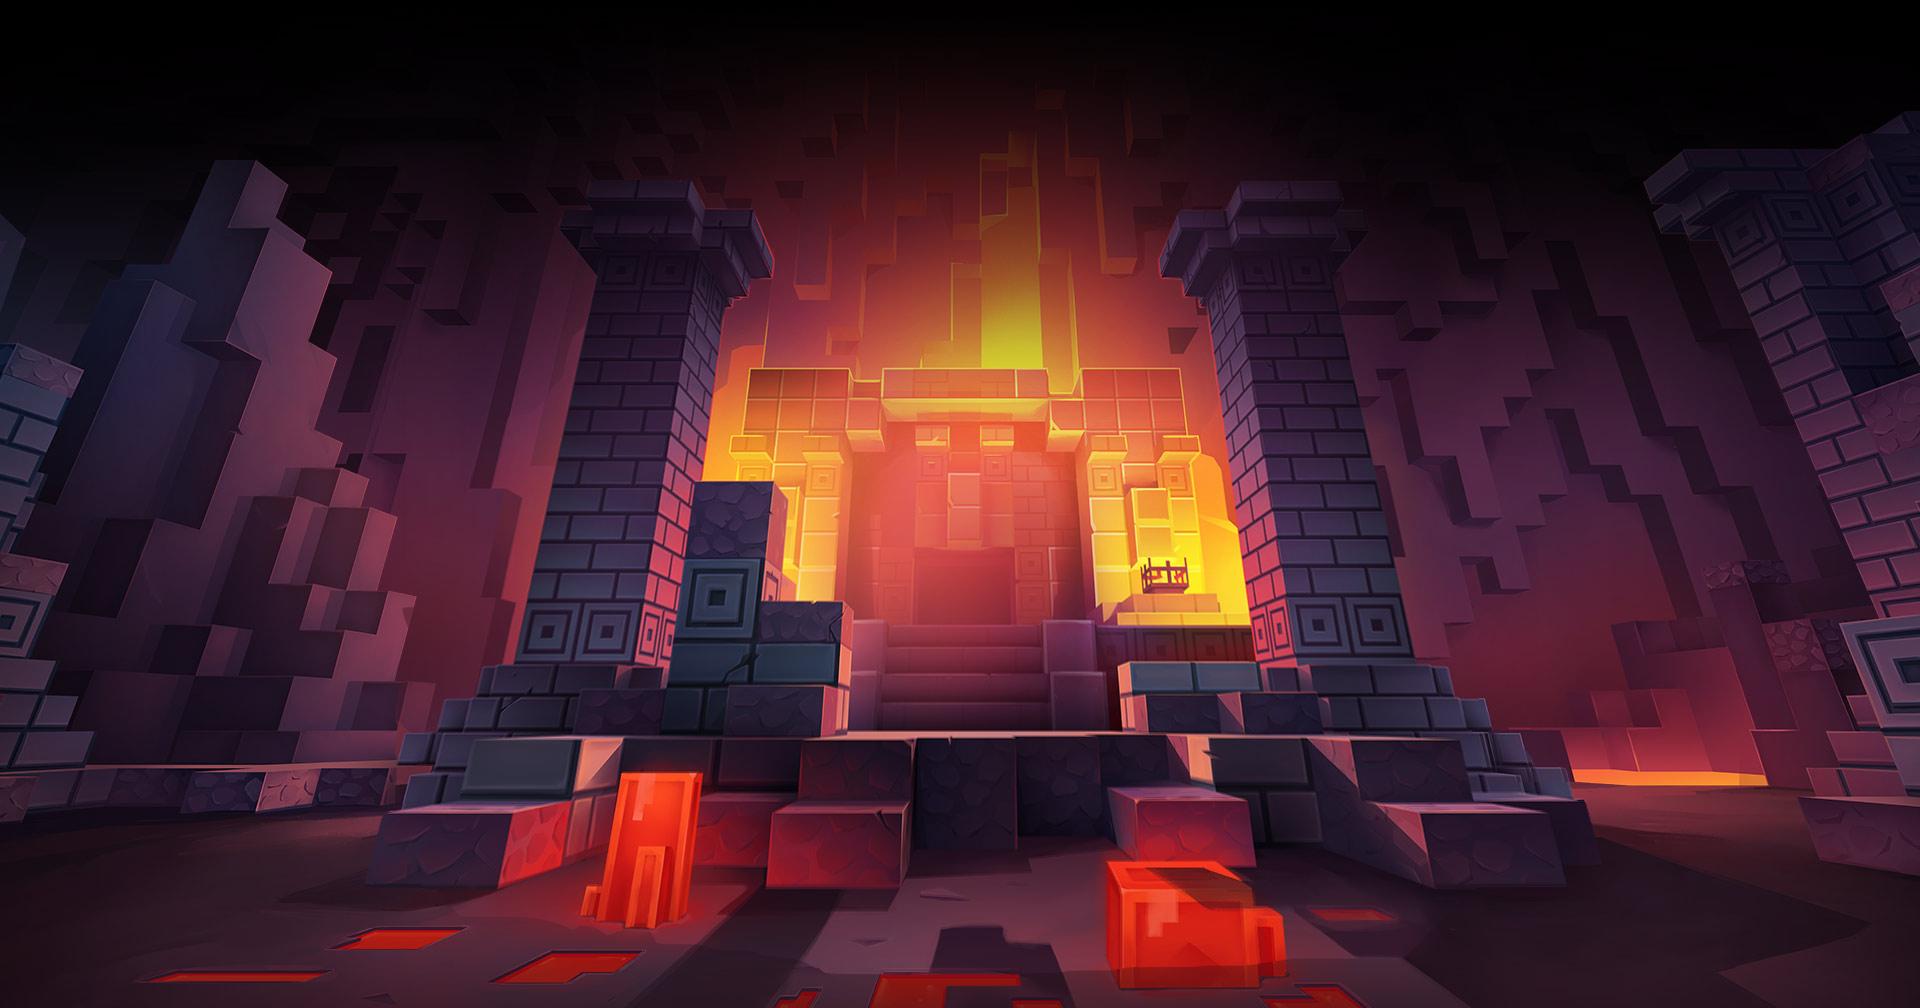 Minecraft Dungeons. Вход в подземелье искателю приключений указывают маяки красного и оранжевого цвета.